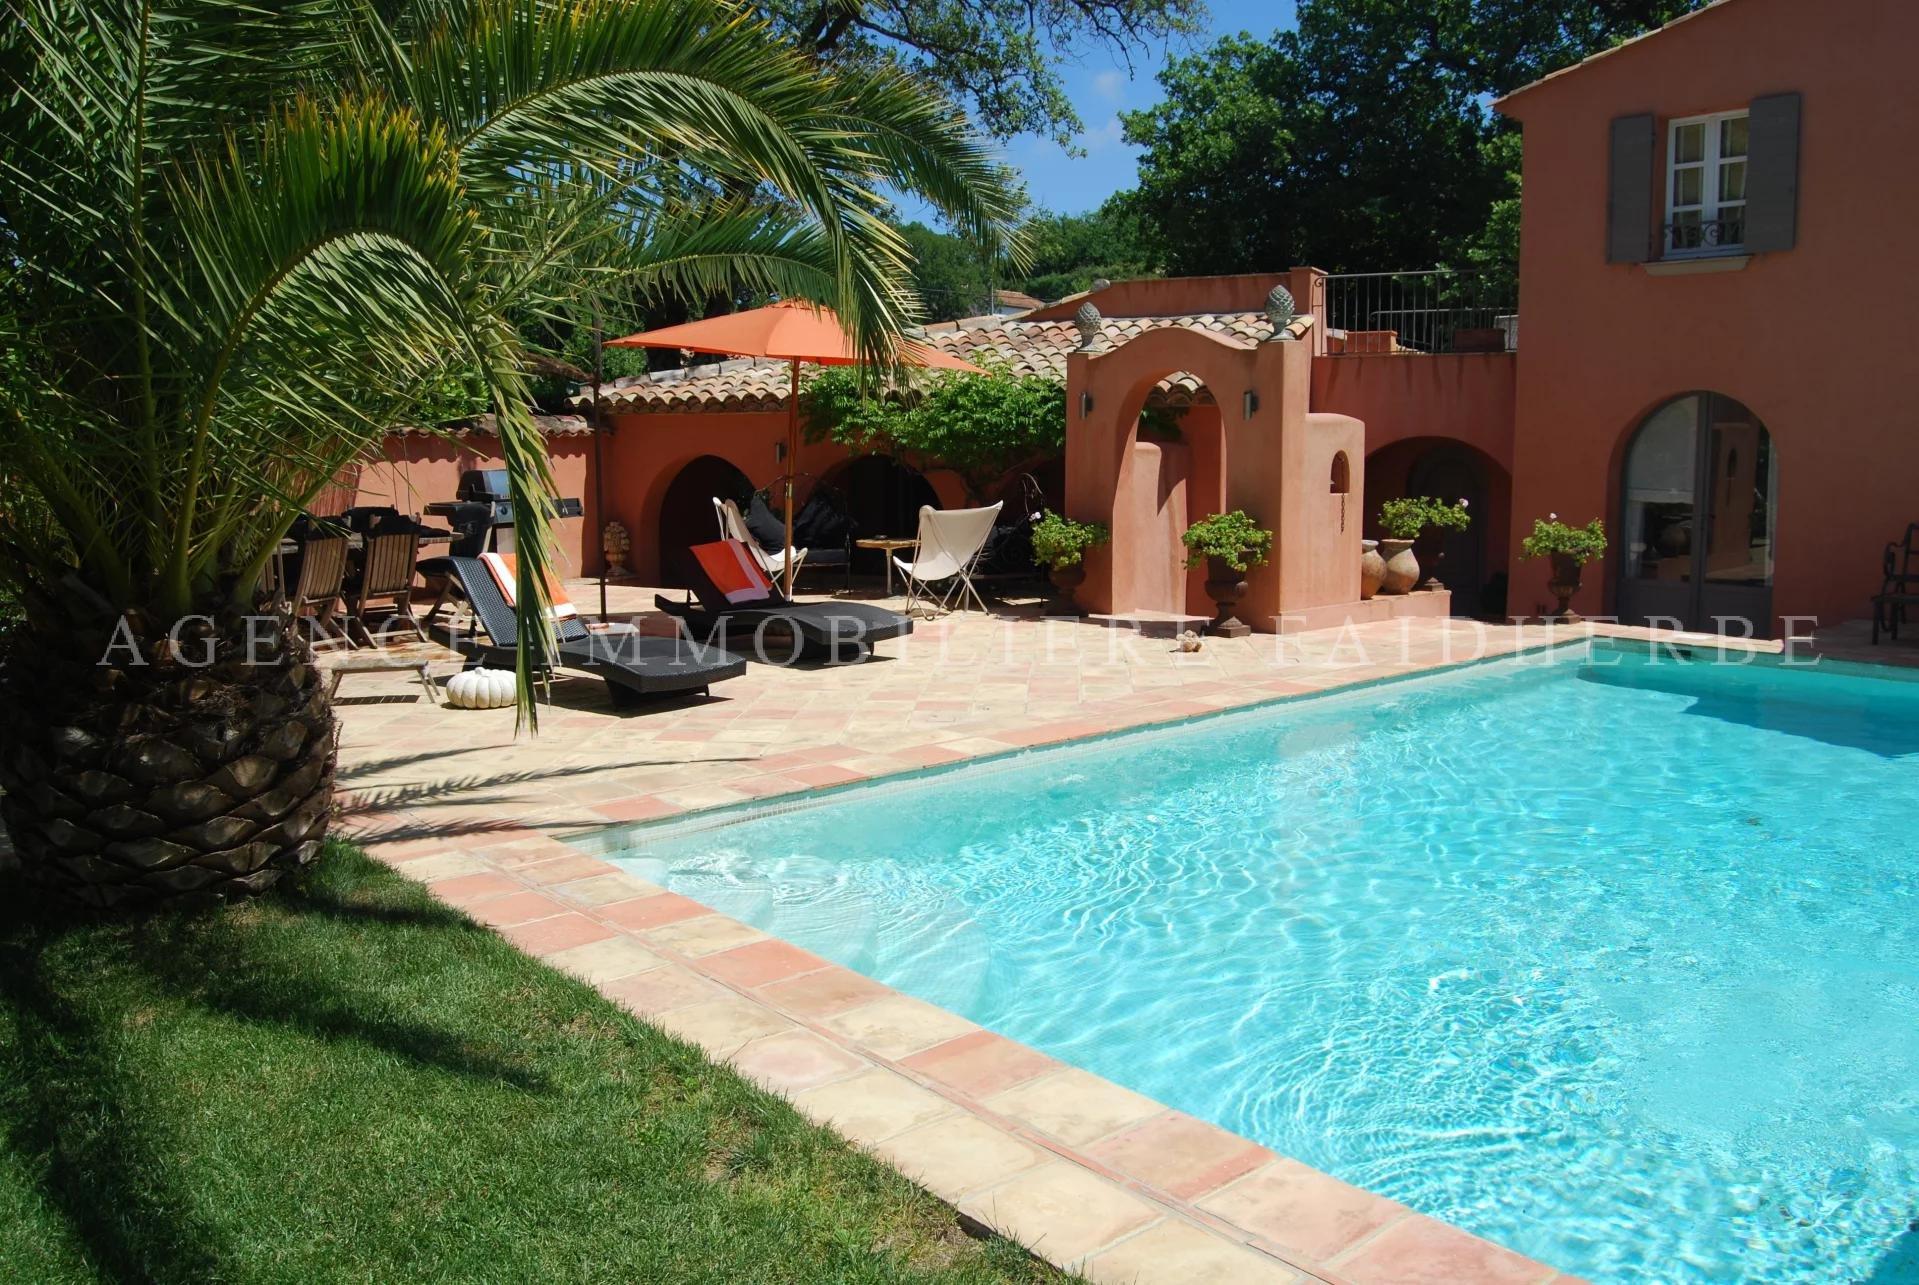 Pleine de charme, villa provençale avec piscine